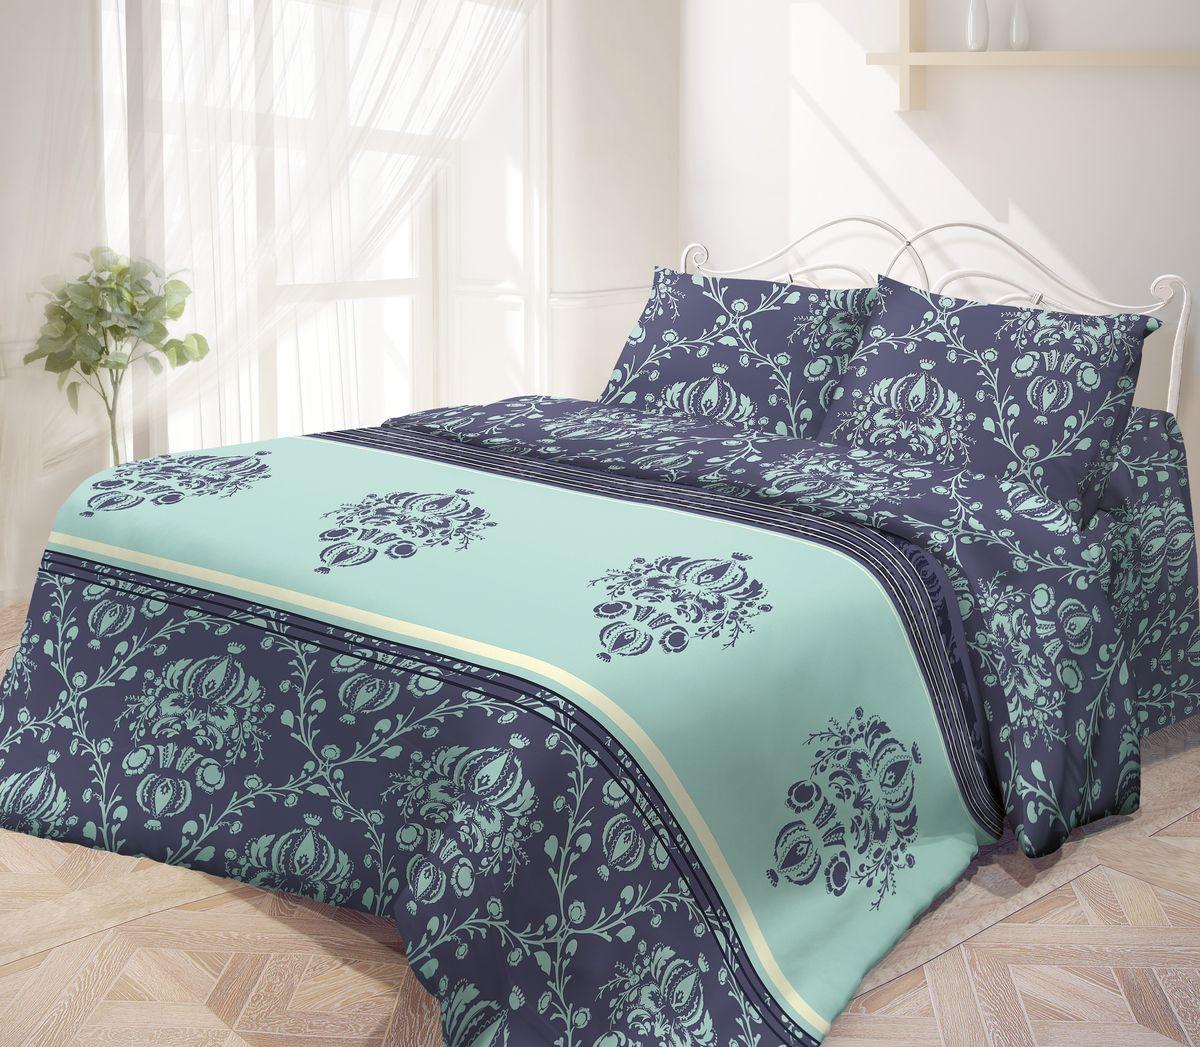 Комплект белья Гармония, 2-спальный, наволочки 50х70, цвет: темно-синий, голубой192583Комплект постельного белья Гармония является экологически безопасным, так как выполнен из поплина (100% хлопка). Комплект состоит из пододеяльника, простыни и двух наволочек. Постельное белье оформлено красивым орнаментом и имеет изысканный внешний вид. Постельное белье Гармония - лучший выбор для современной хозяйки! Его отличают демократичная цена и отличное качество. Поплин мягкий и приятный на ощупь. Кроме того, эта ткань не требует особого ухода, легко стирается и прекрасно держит форму. Высококачественные красители, которые используются при производстве постельного белья, сохраняют свой цвет даже после многочисленных стирок.